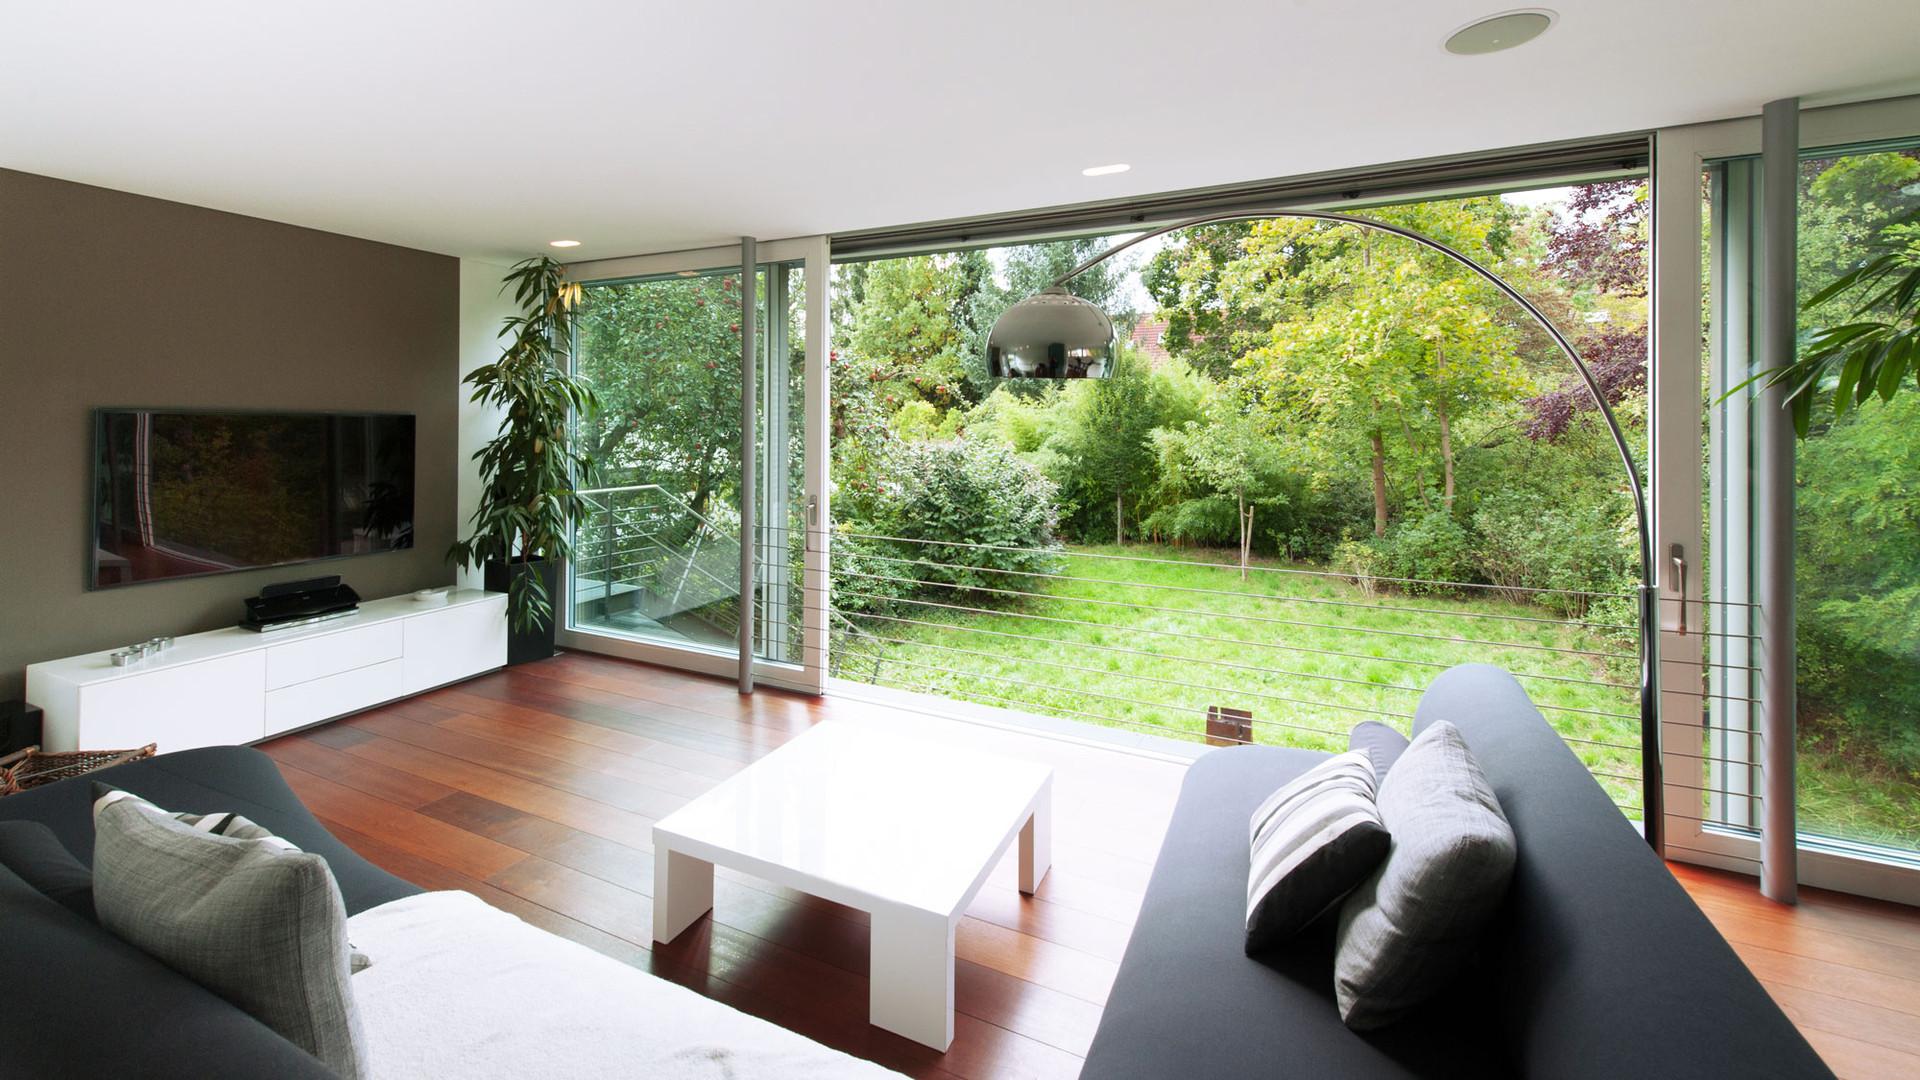 Wohnzimmer mit Blick in Garten